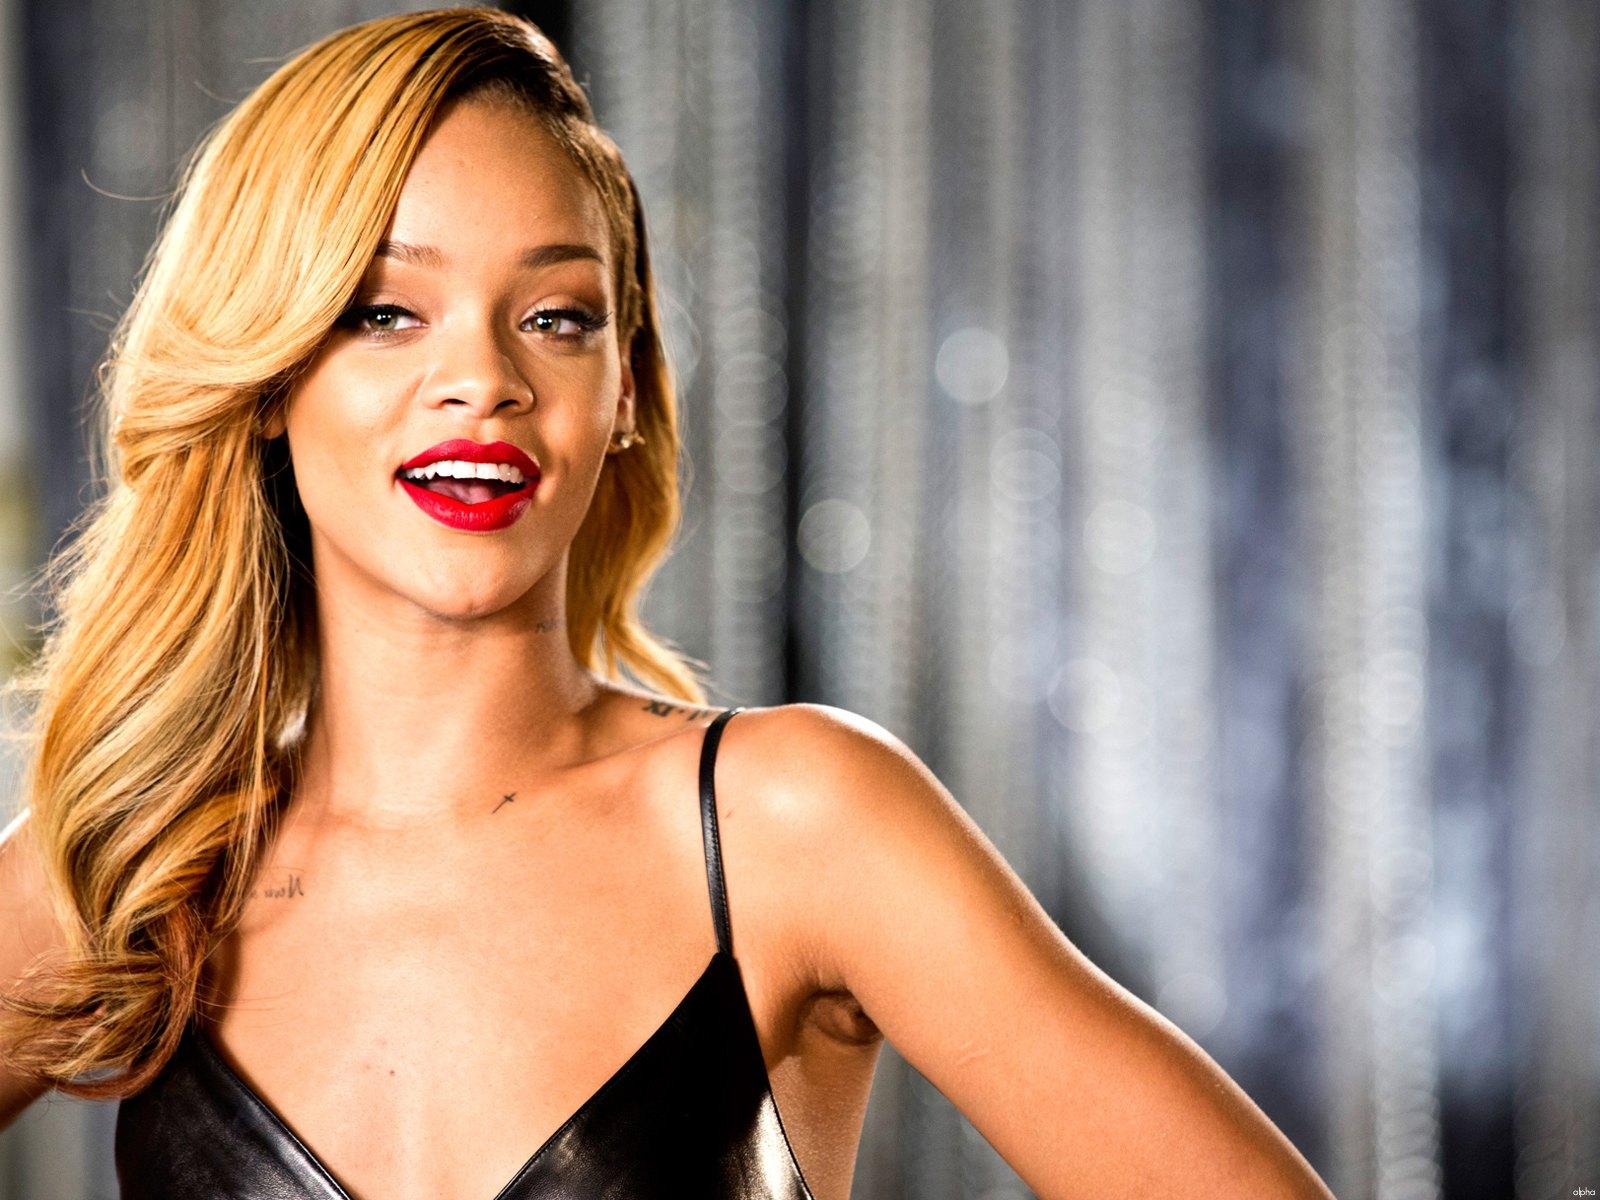 Rihanna 2013 : Rihanna Hot 20 Bikini Wallpapers -16